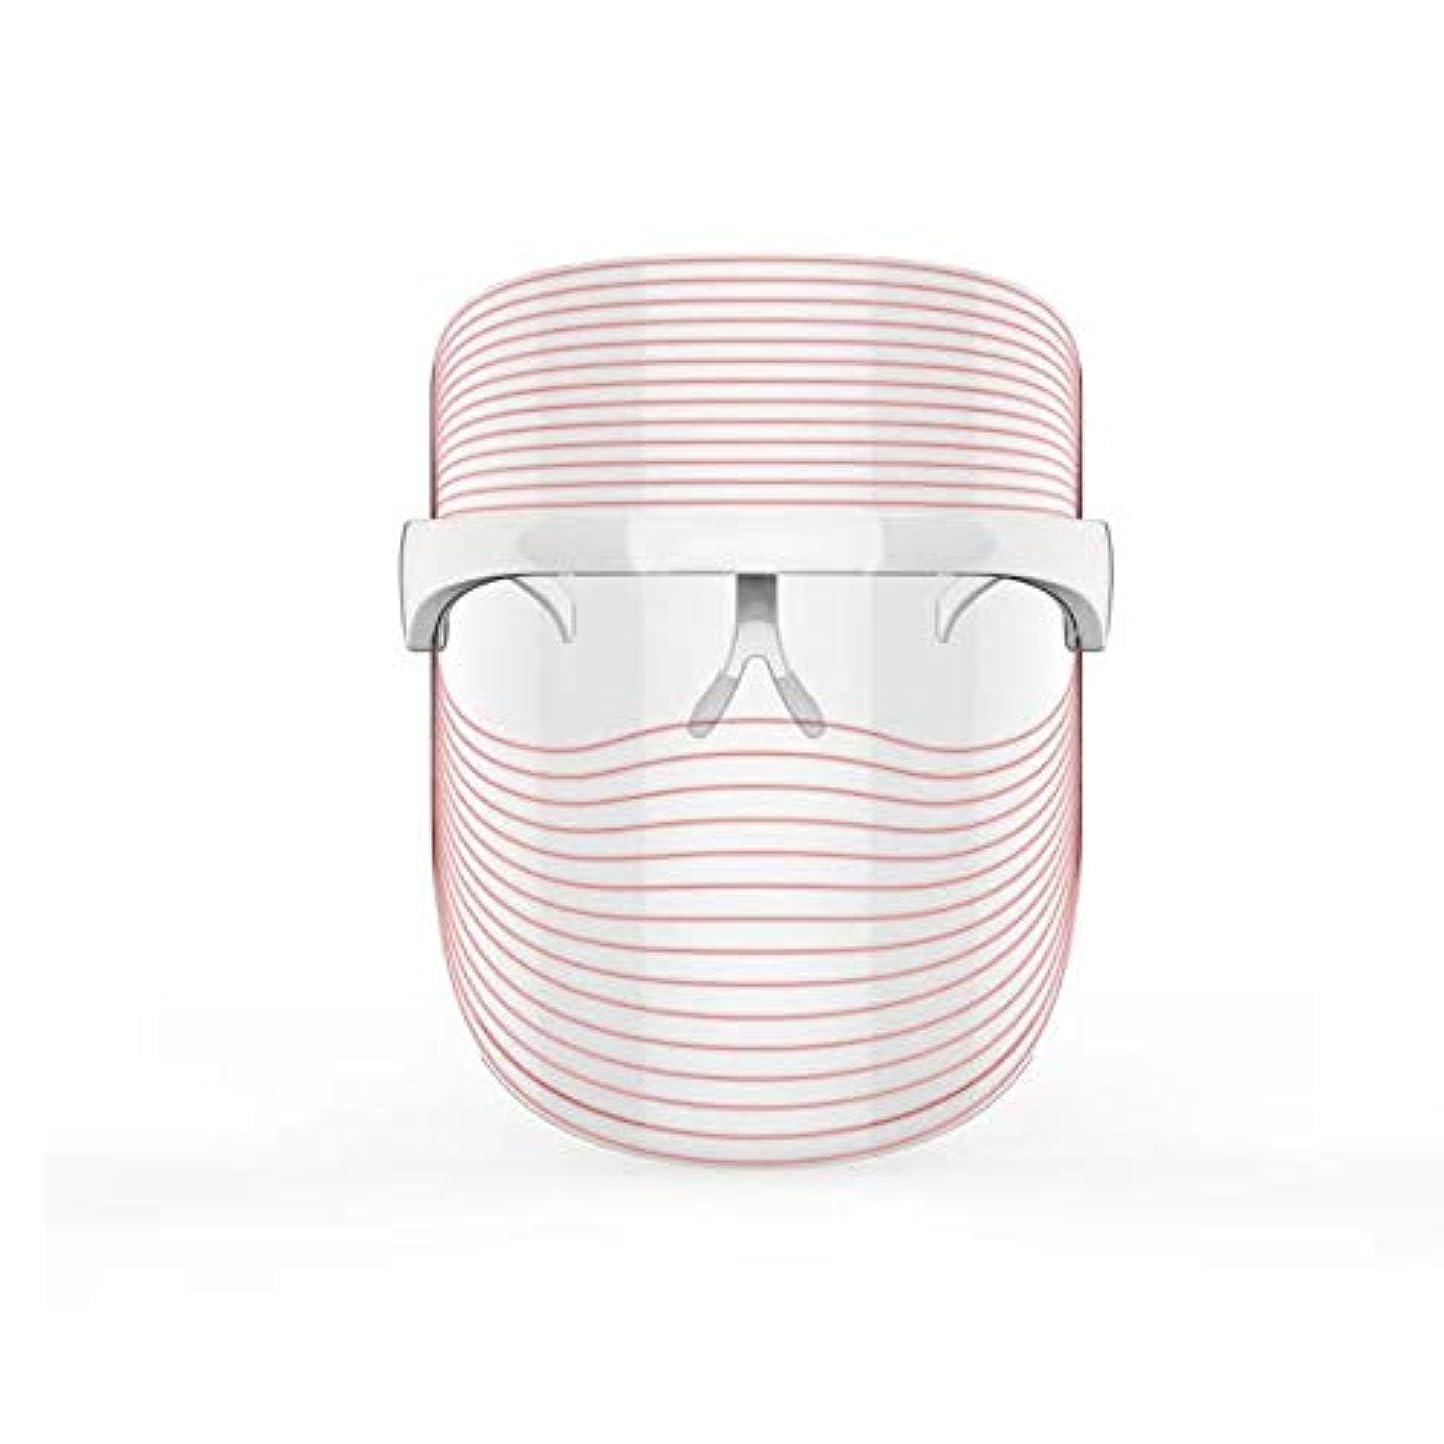 なので恐れるバタフライ3色LEDマスクフェイス&ネックネオン白熱LEDフェイスマスク電動フェイシャルスキンケアフェイススキンビューティー